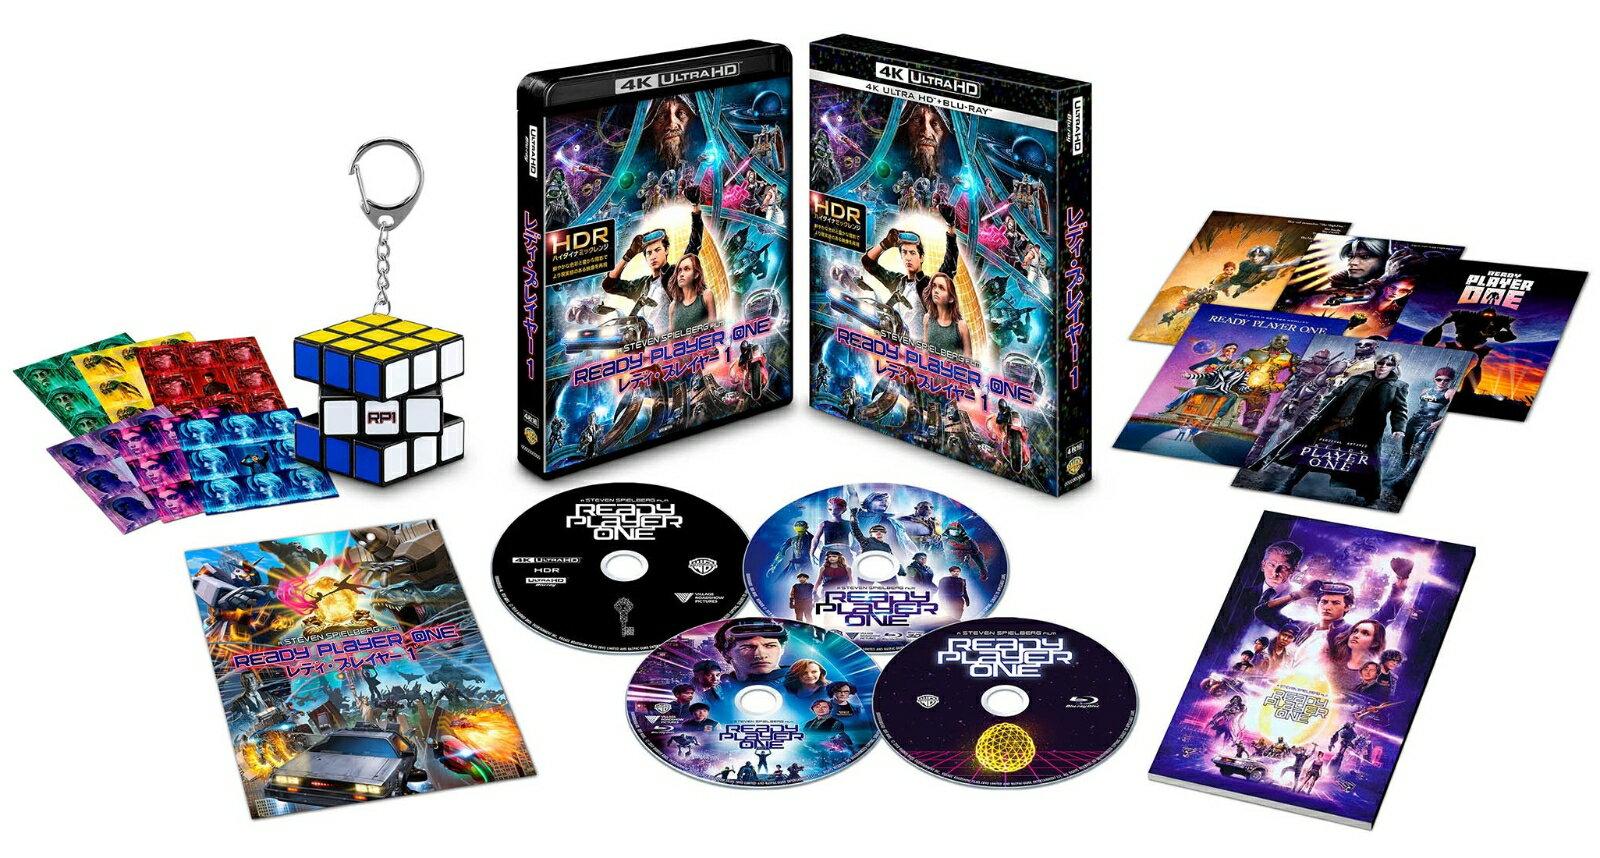 レディ・プレイヤー1 プレミアム・エディション 4K ULTRA HD&3D&2D&特典ブルーレイセット(7,000セット限定/4枚組/ブックレット付)(数量限定生産)【4K ULTRA HD】